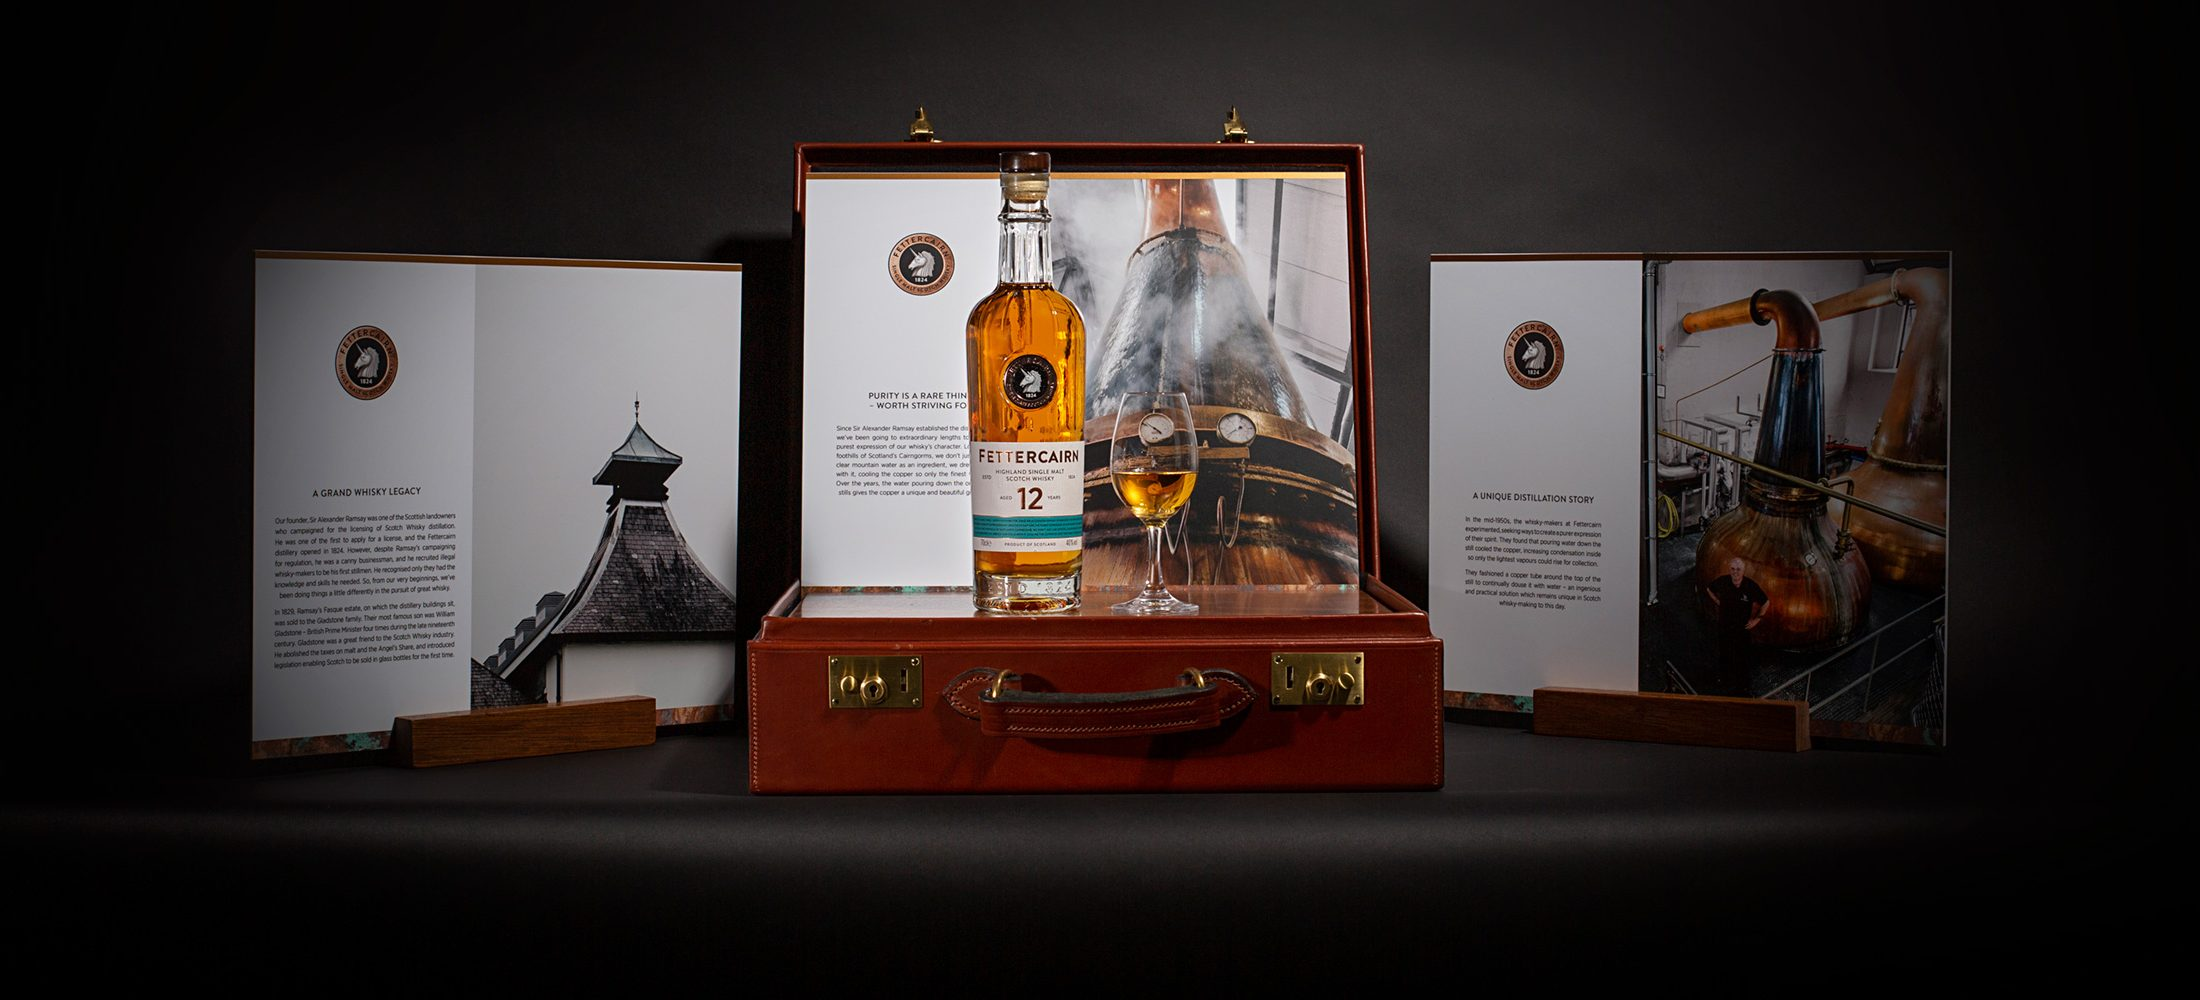 Fettercairn Whisky Brand Ambassador case